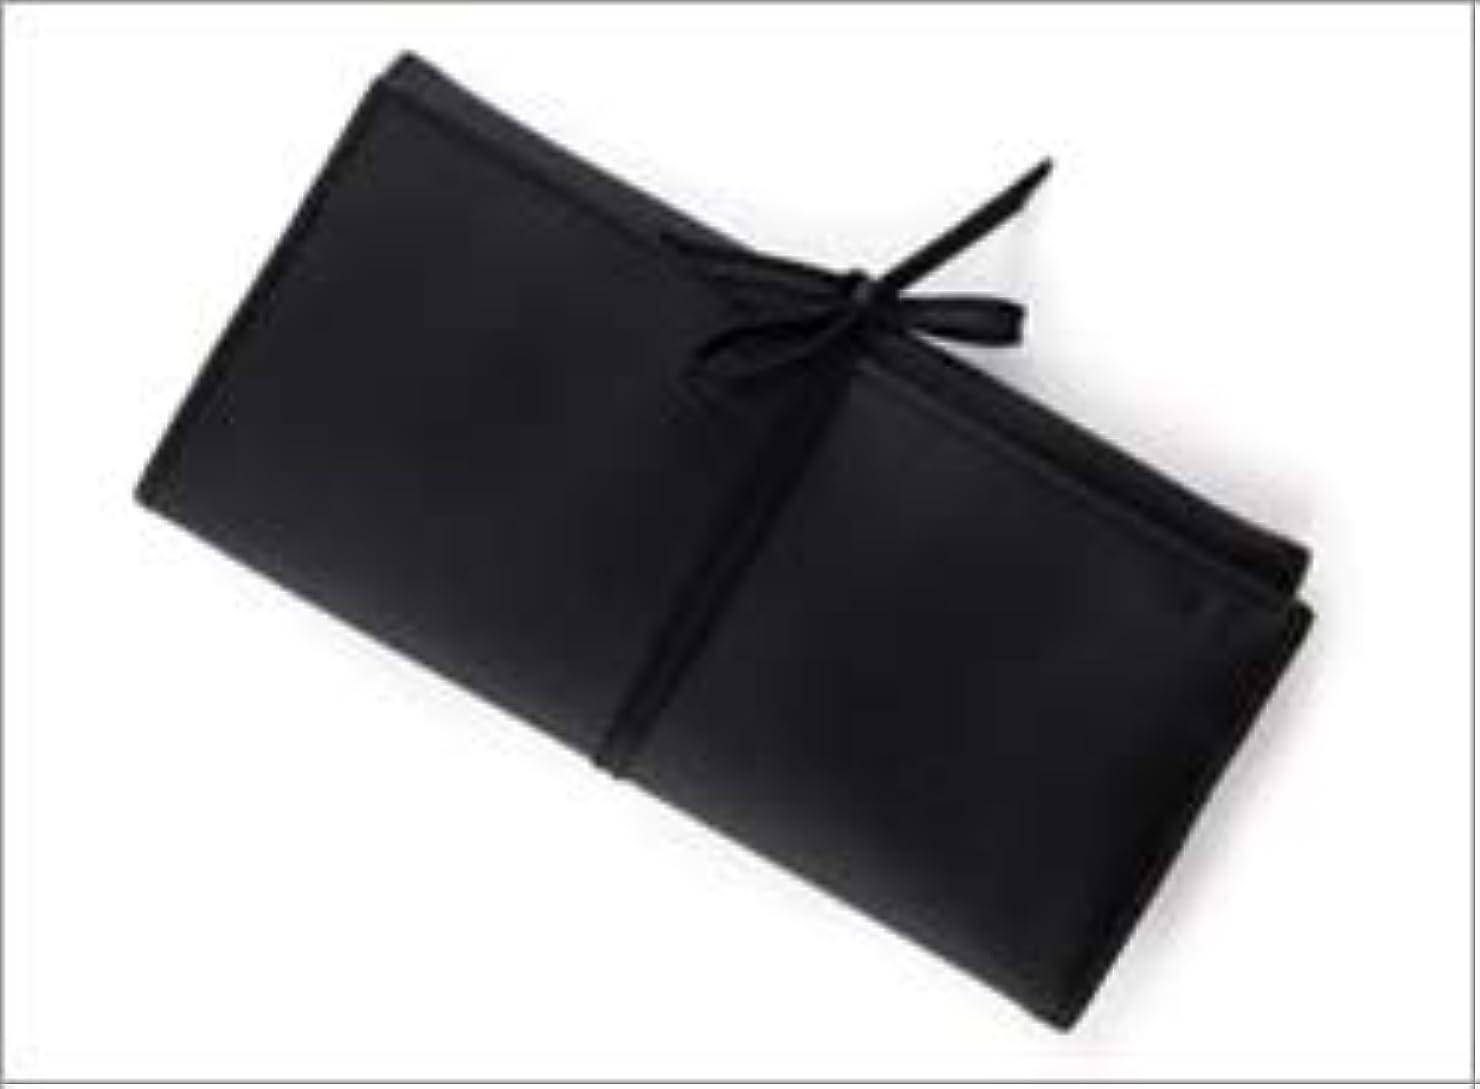 流産平らな思い出させる熊野筆 竹宝堂 正規品 ブラシケース(化粧ポーチ) C-24 材質:ナイロン(三つ折り) 広島 化粧筆